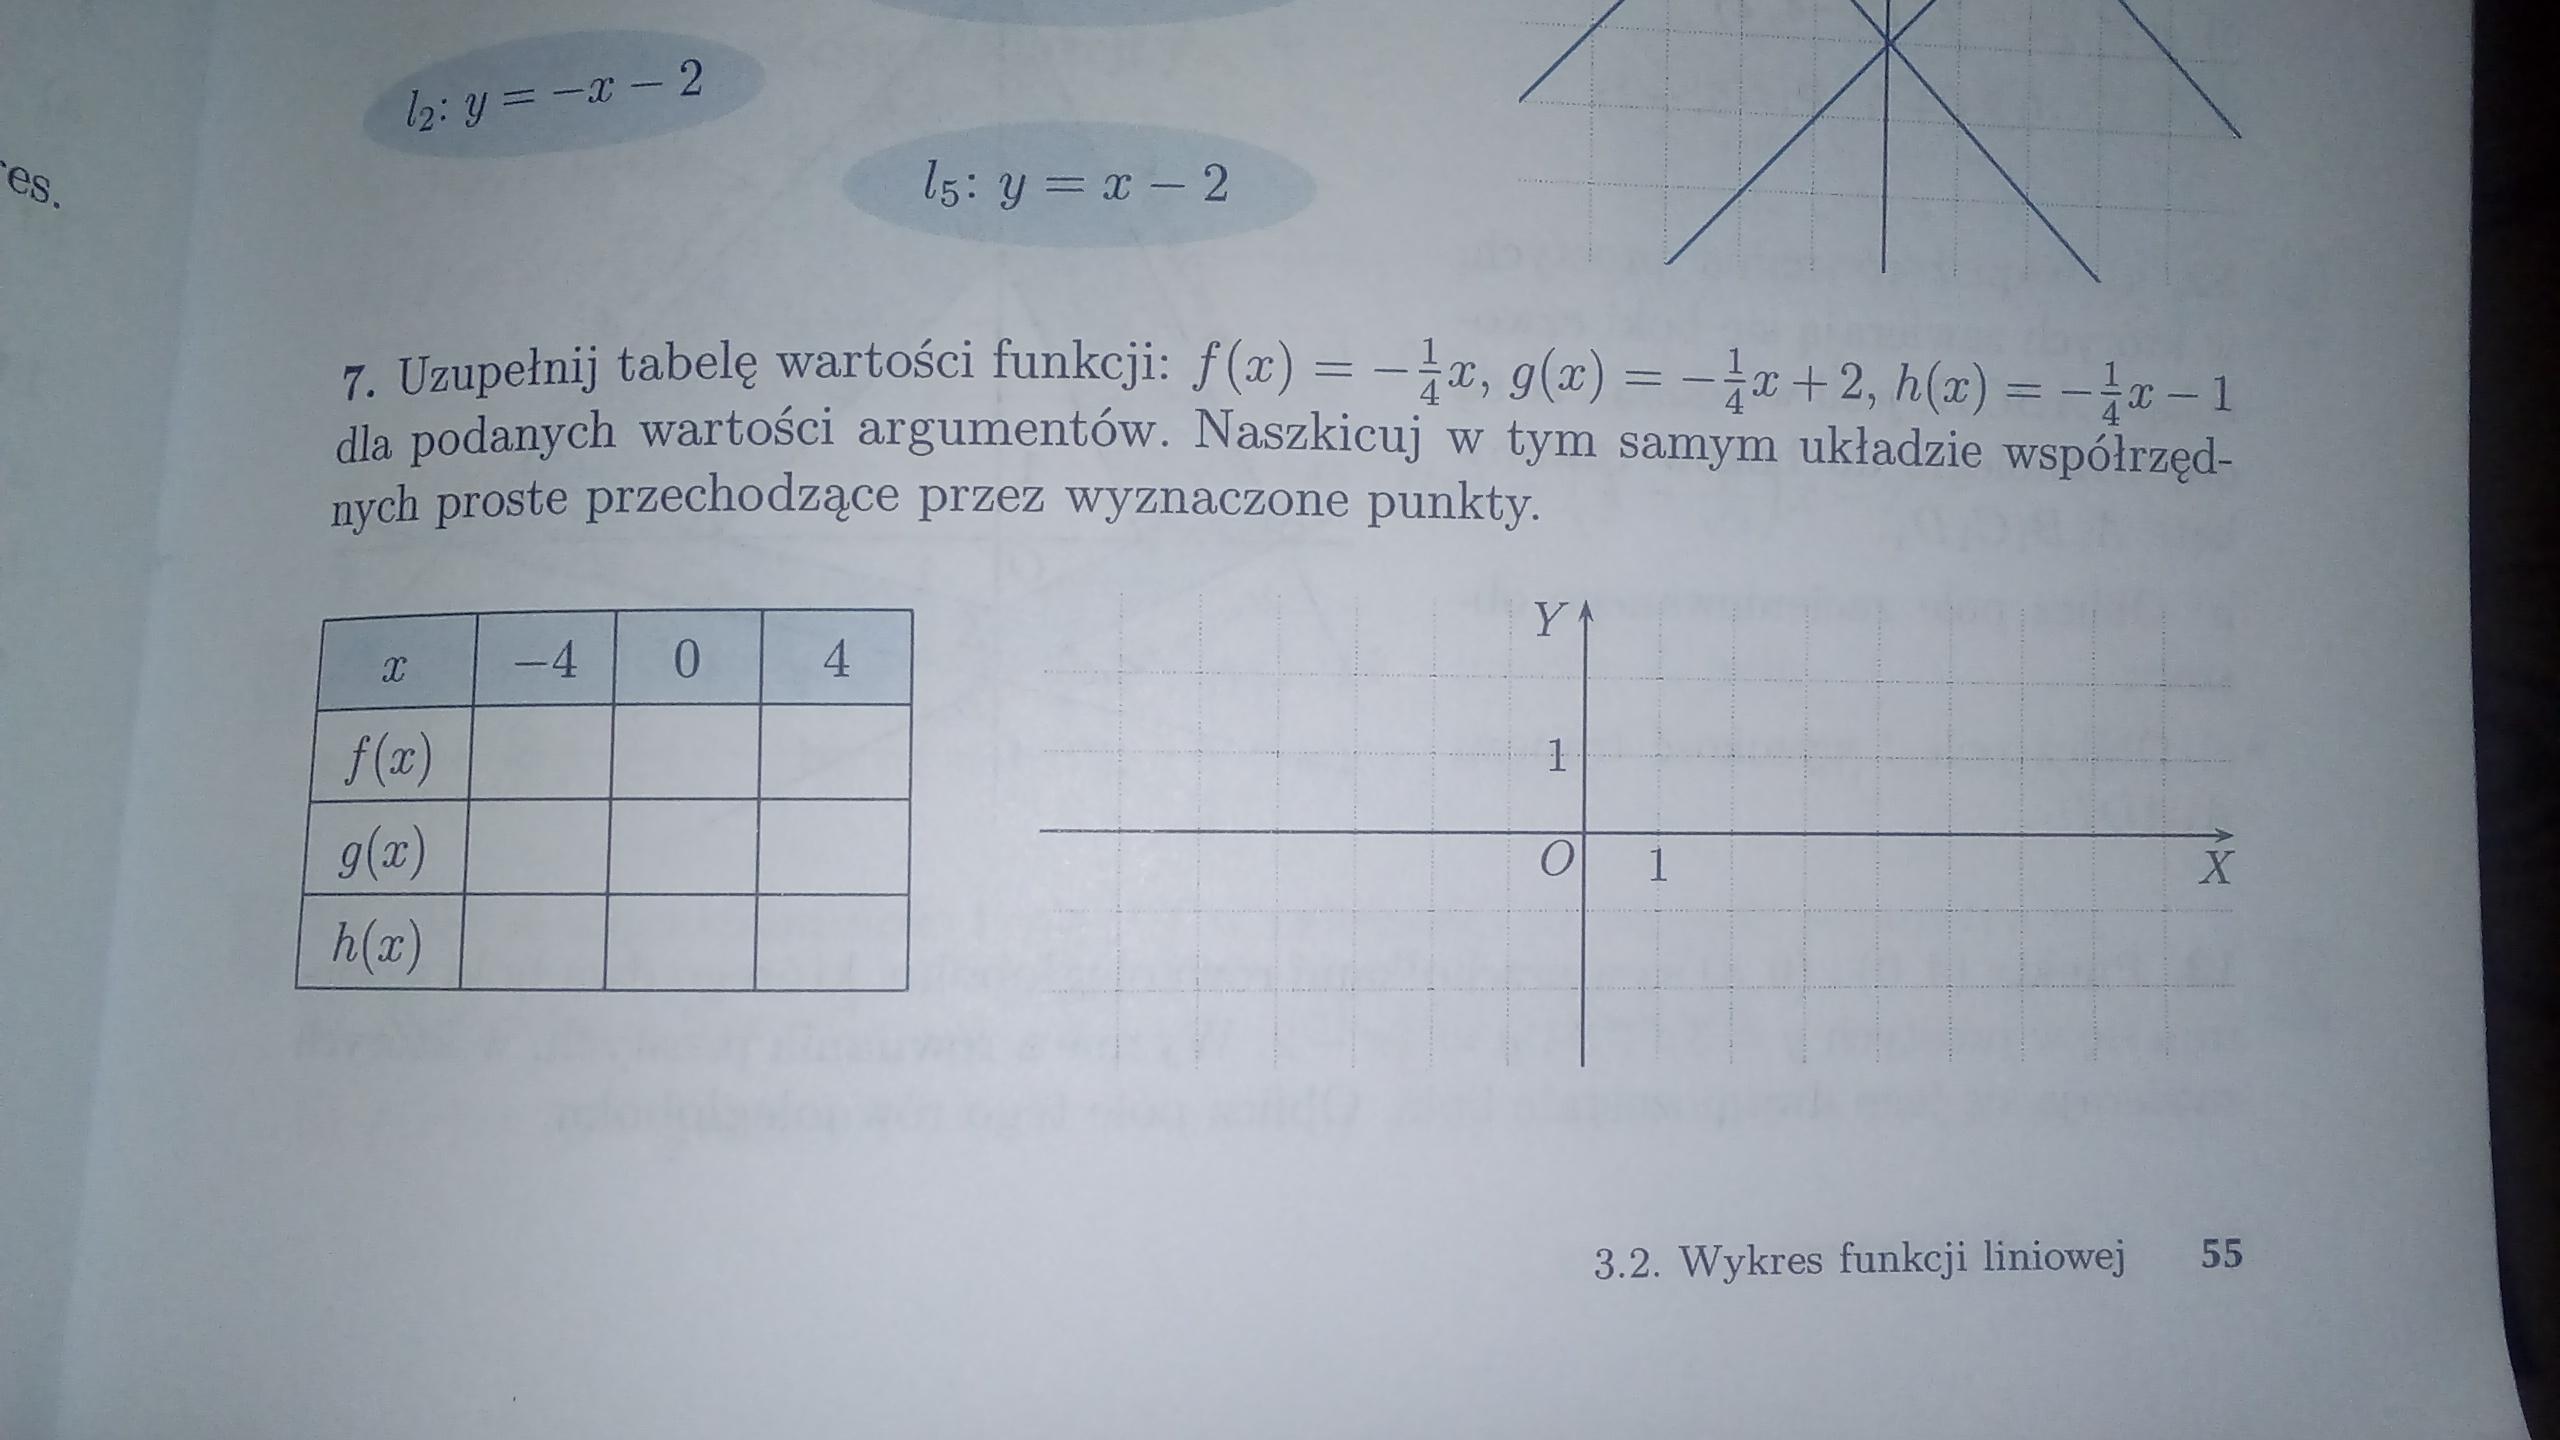 Uzupełnij tabelę wartości funkcji: f(x)=-1/4x , g(x)=-1/4x ...